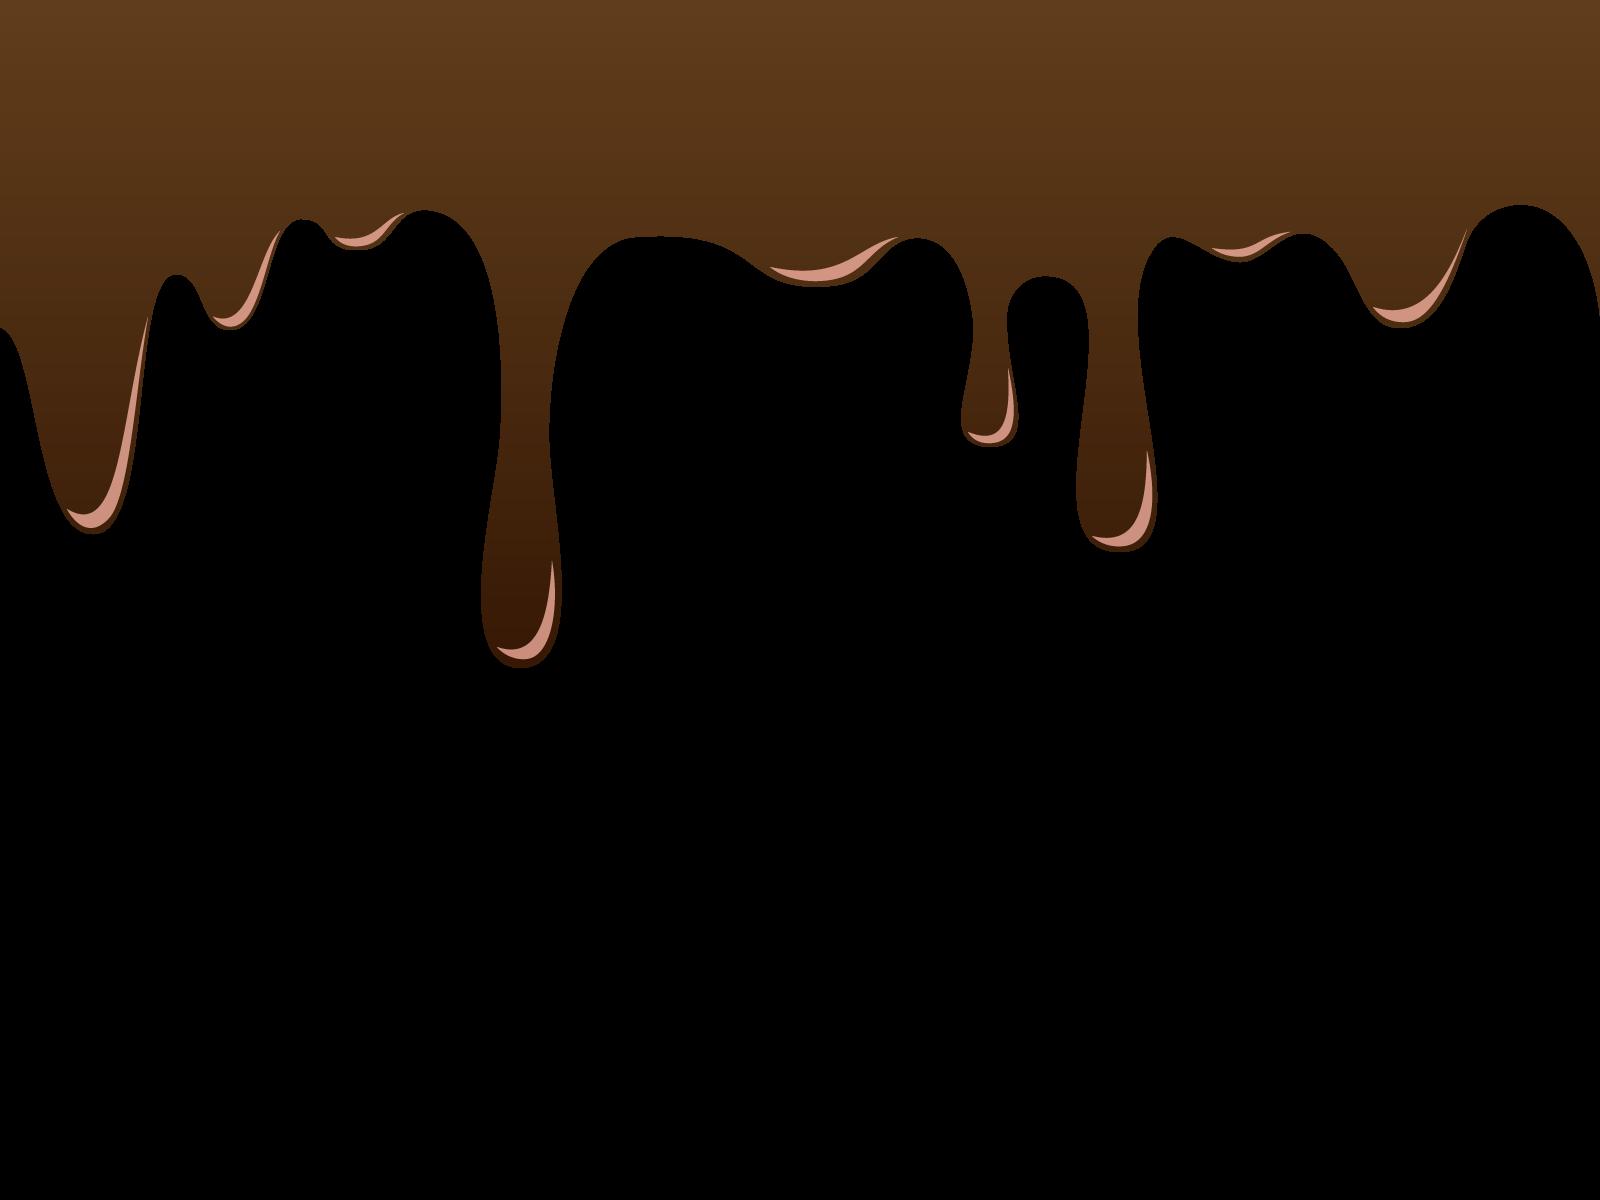 【オノマトペ】ドロドロの意味と例文